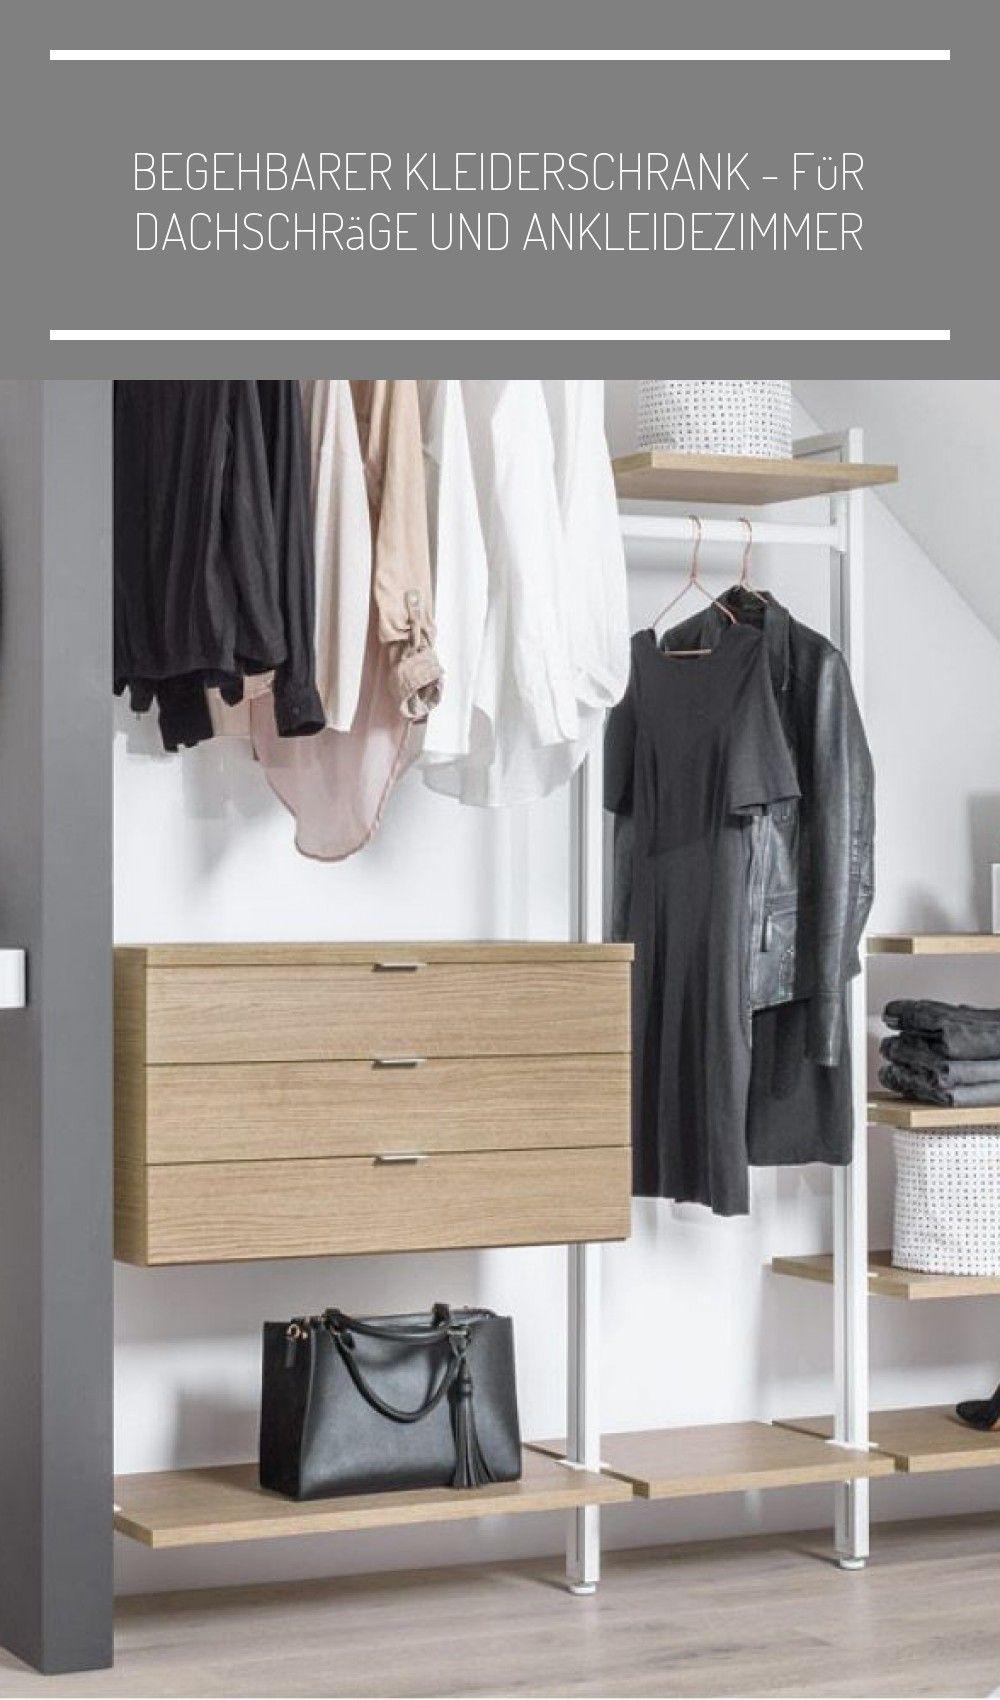 Begehbaren Kleiderschrank In Dachschrage Einbauen Dank Flexibler